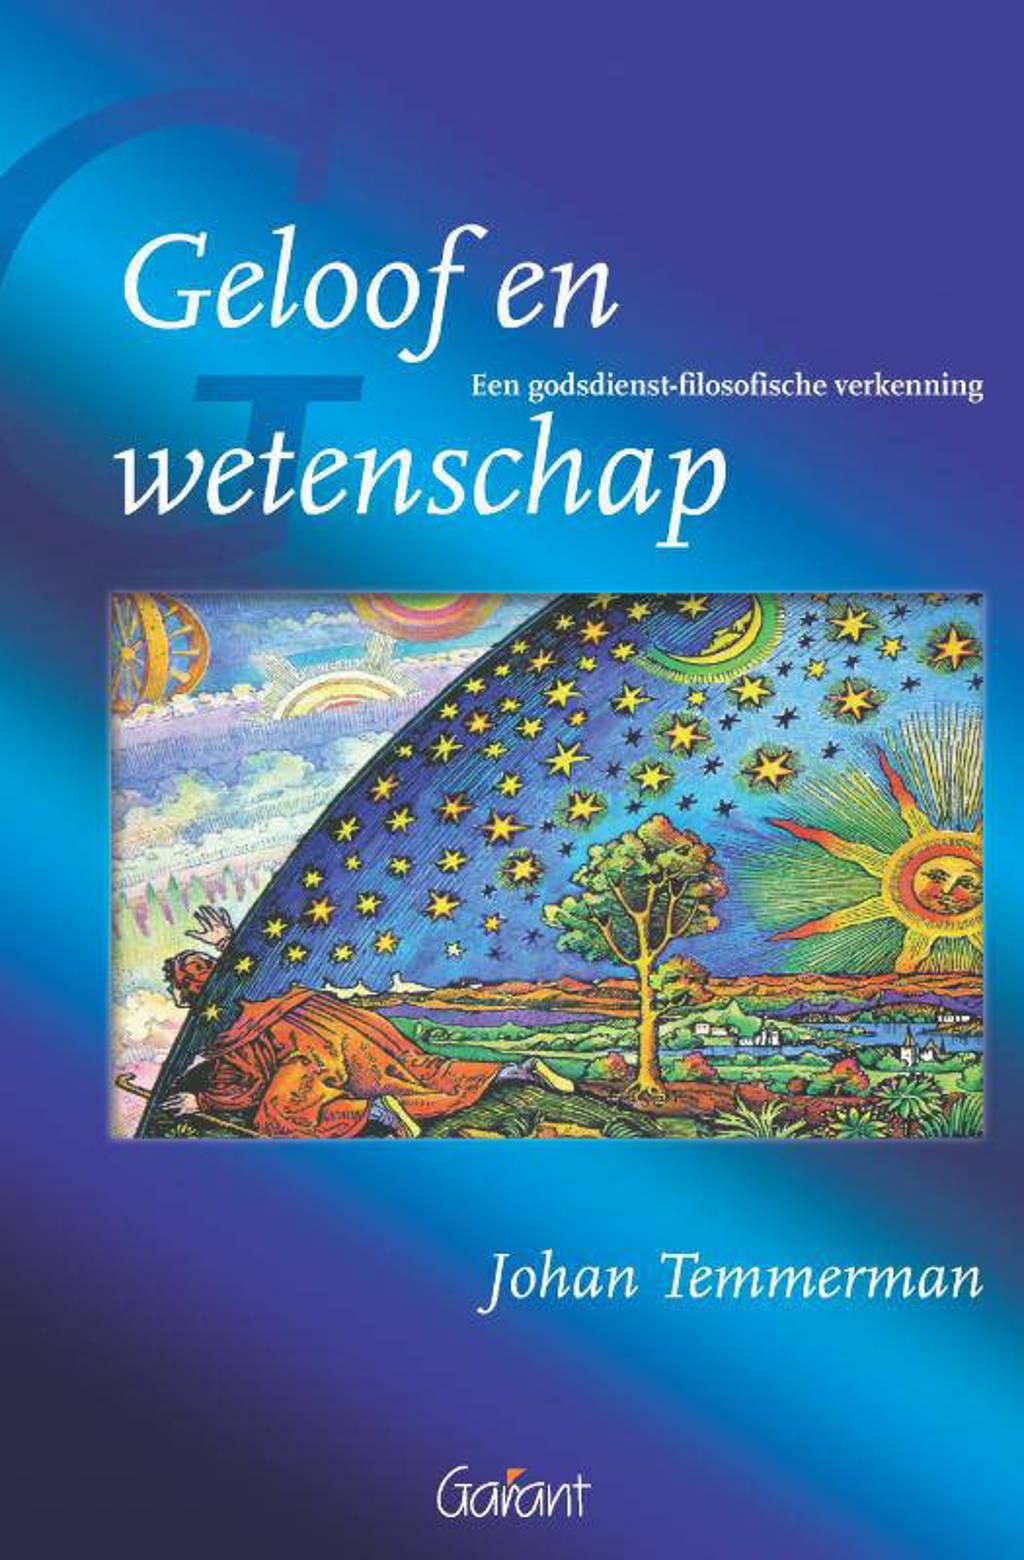 Geloof en wetenschap - Johan Temmerman